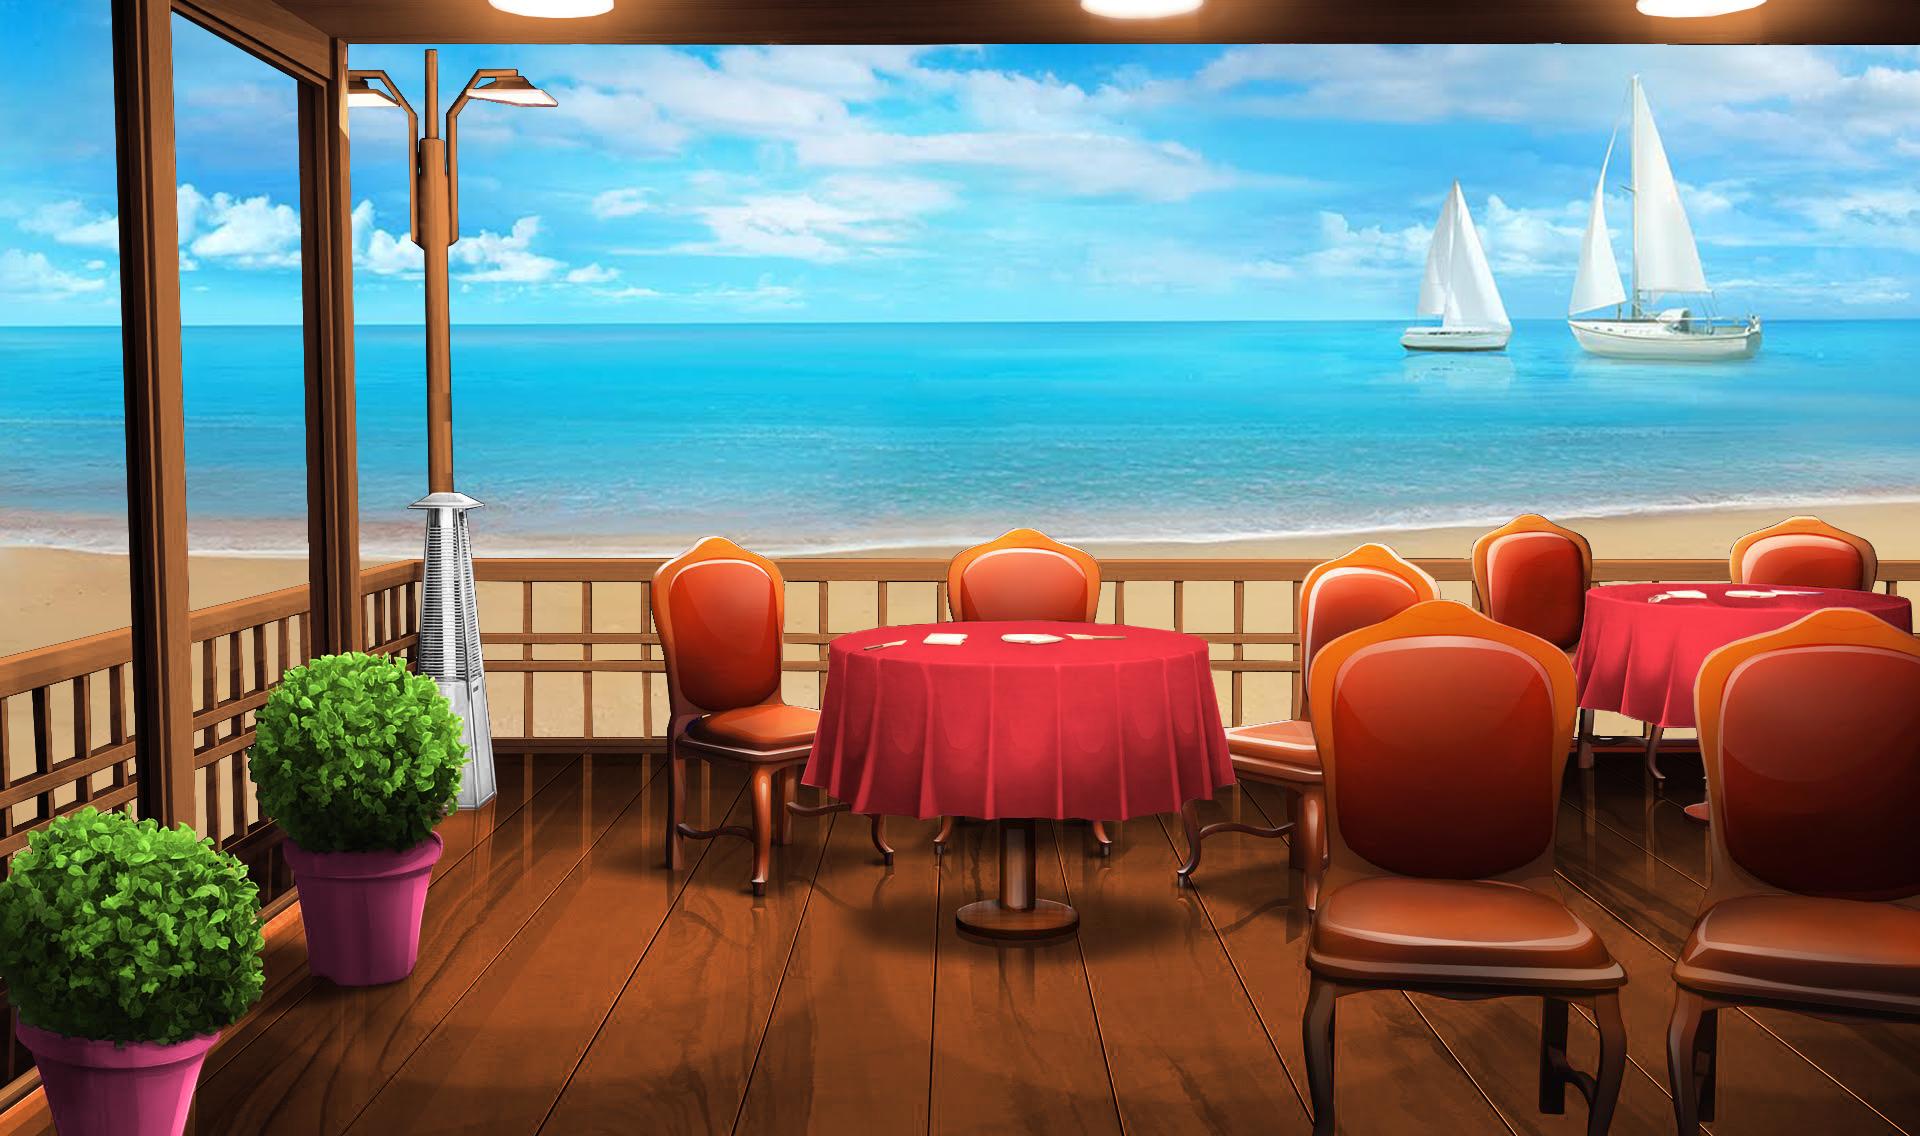 Restaurant (com Imagens)